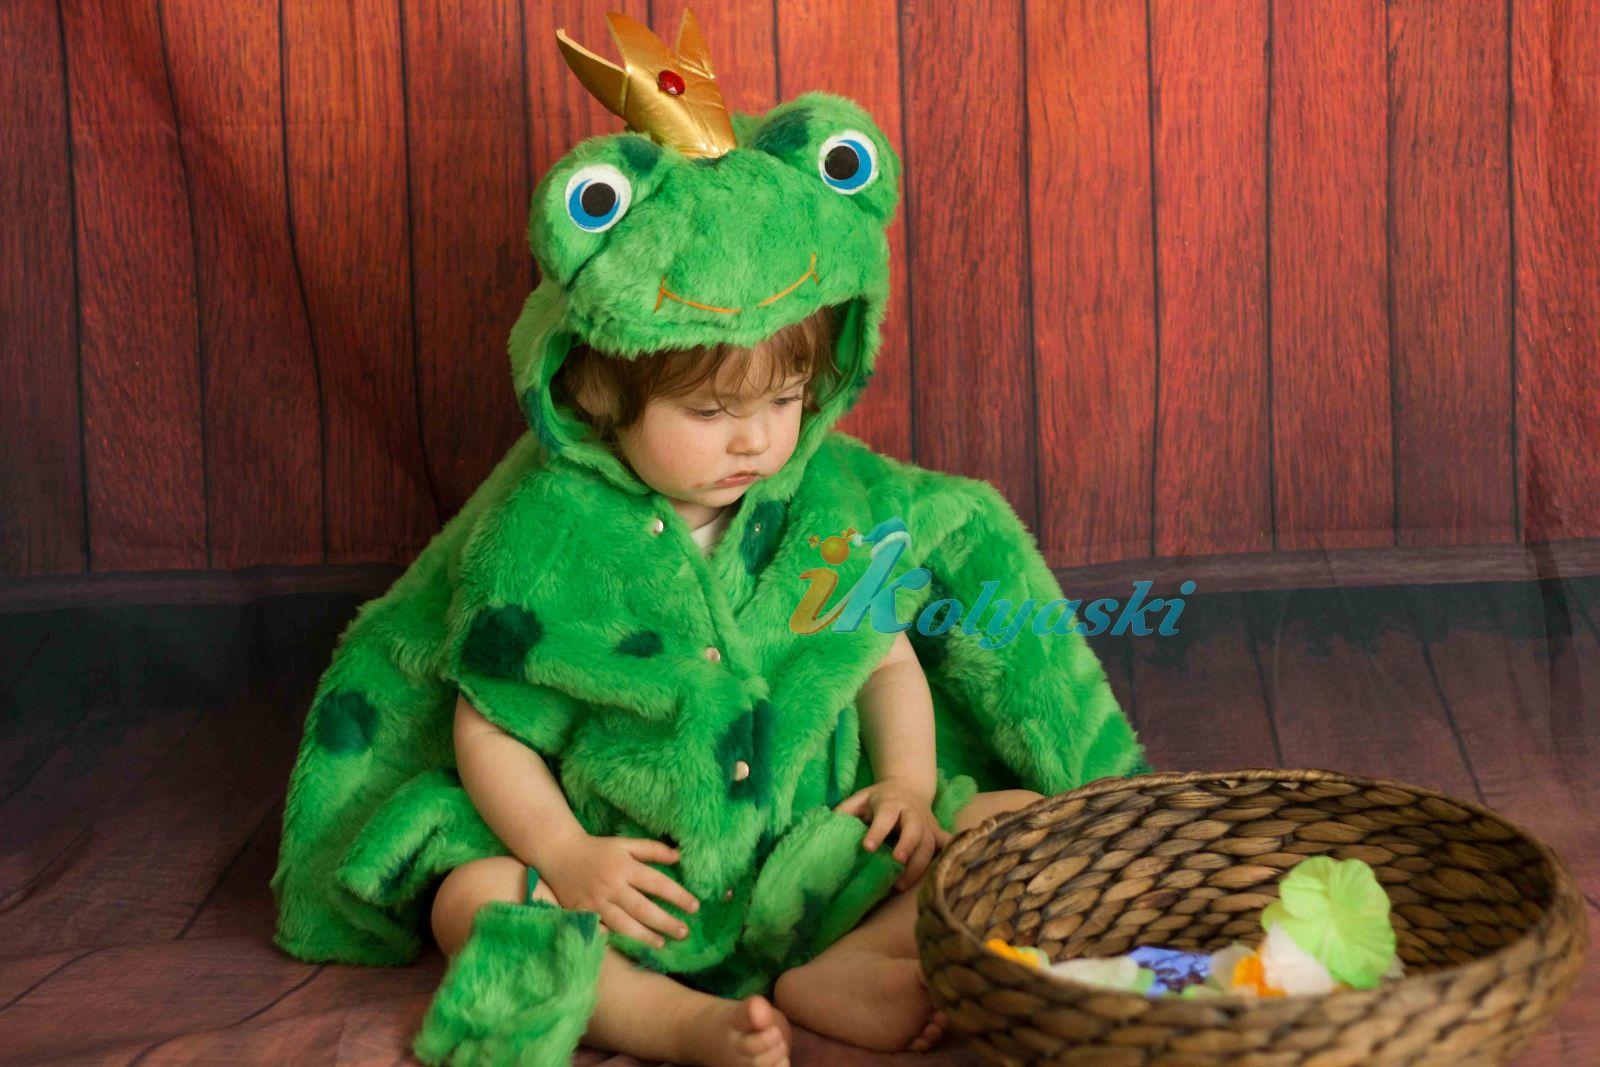 Карнавальный костюм для малышей Царевны Лягушки фирмы ... - photo#40